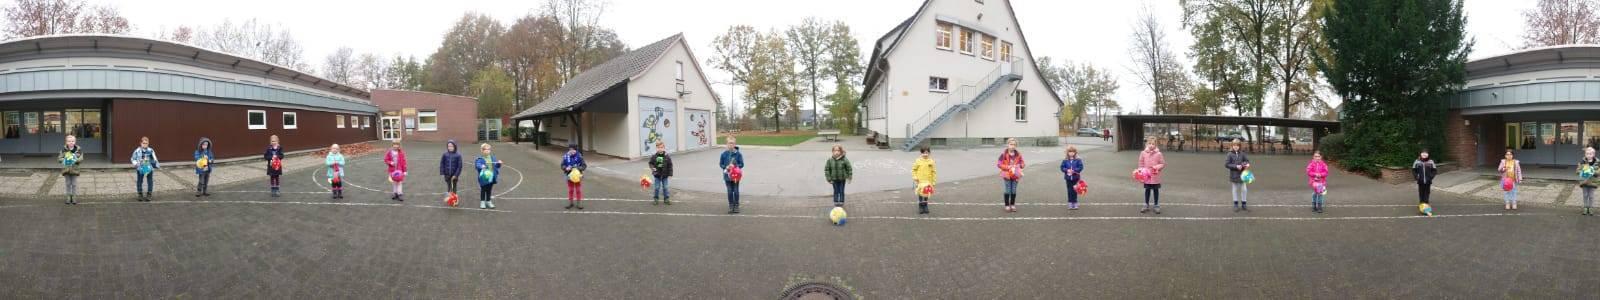 Martinsfeier Postdammschule 2020 (2)